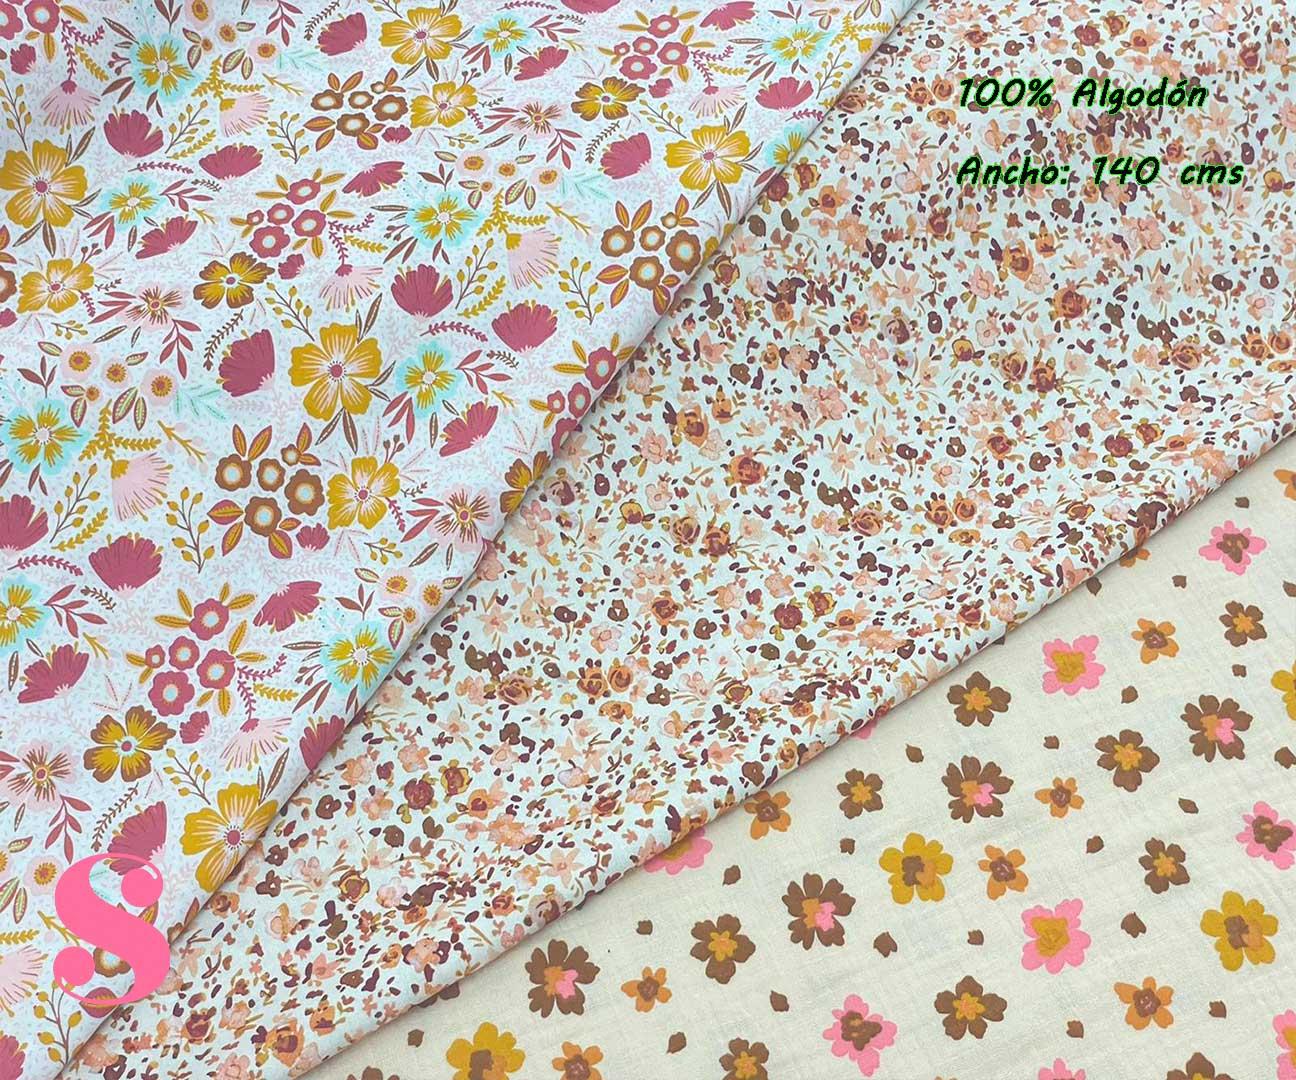 3-popelin-estampado-flores,telas-flores,telas-de-algodón-estampadas,telas-infantiles,Popelín Estampado Florecitas Otoño fondo Blanco